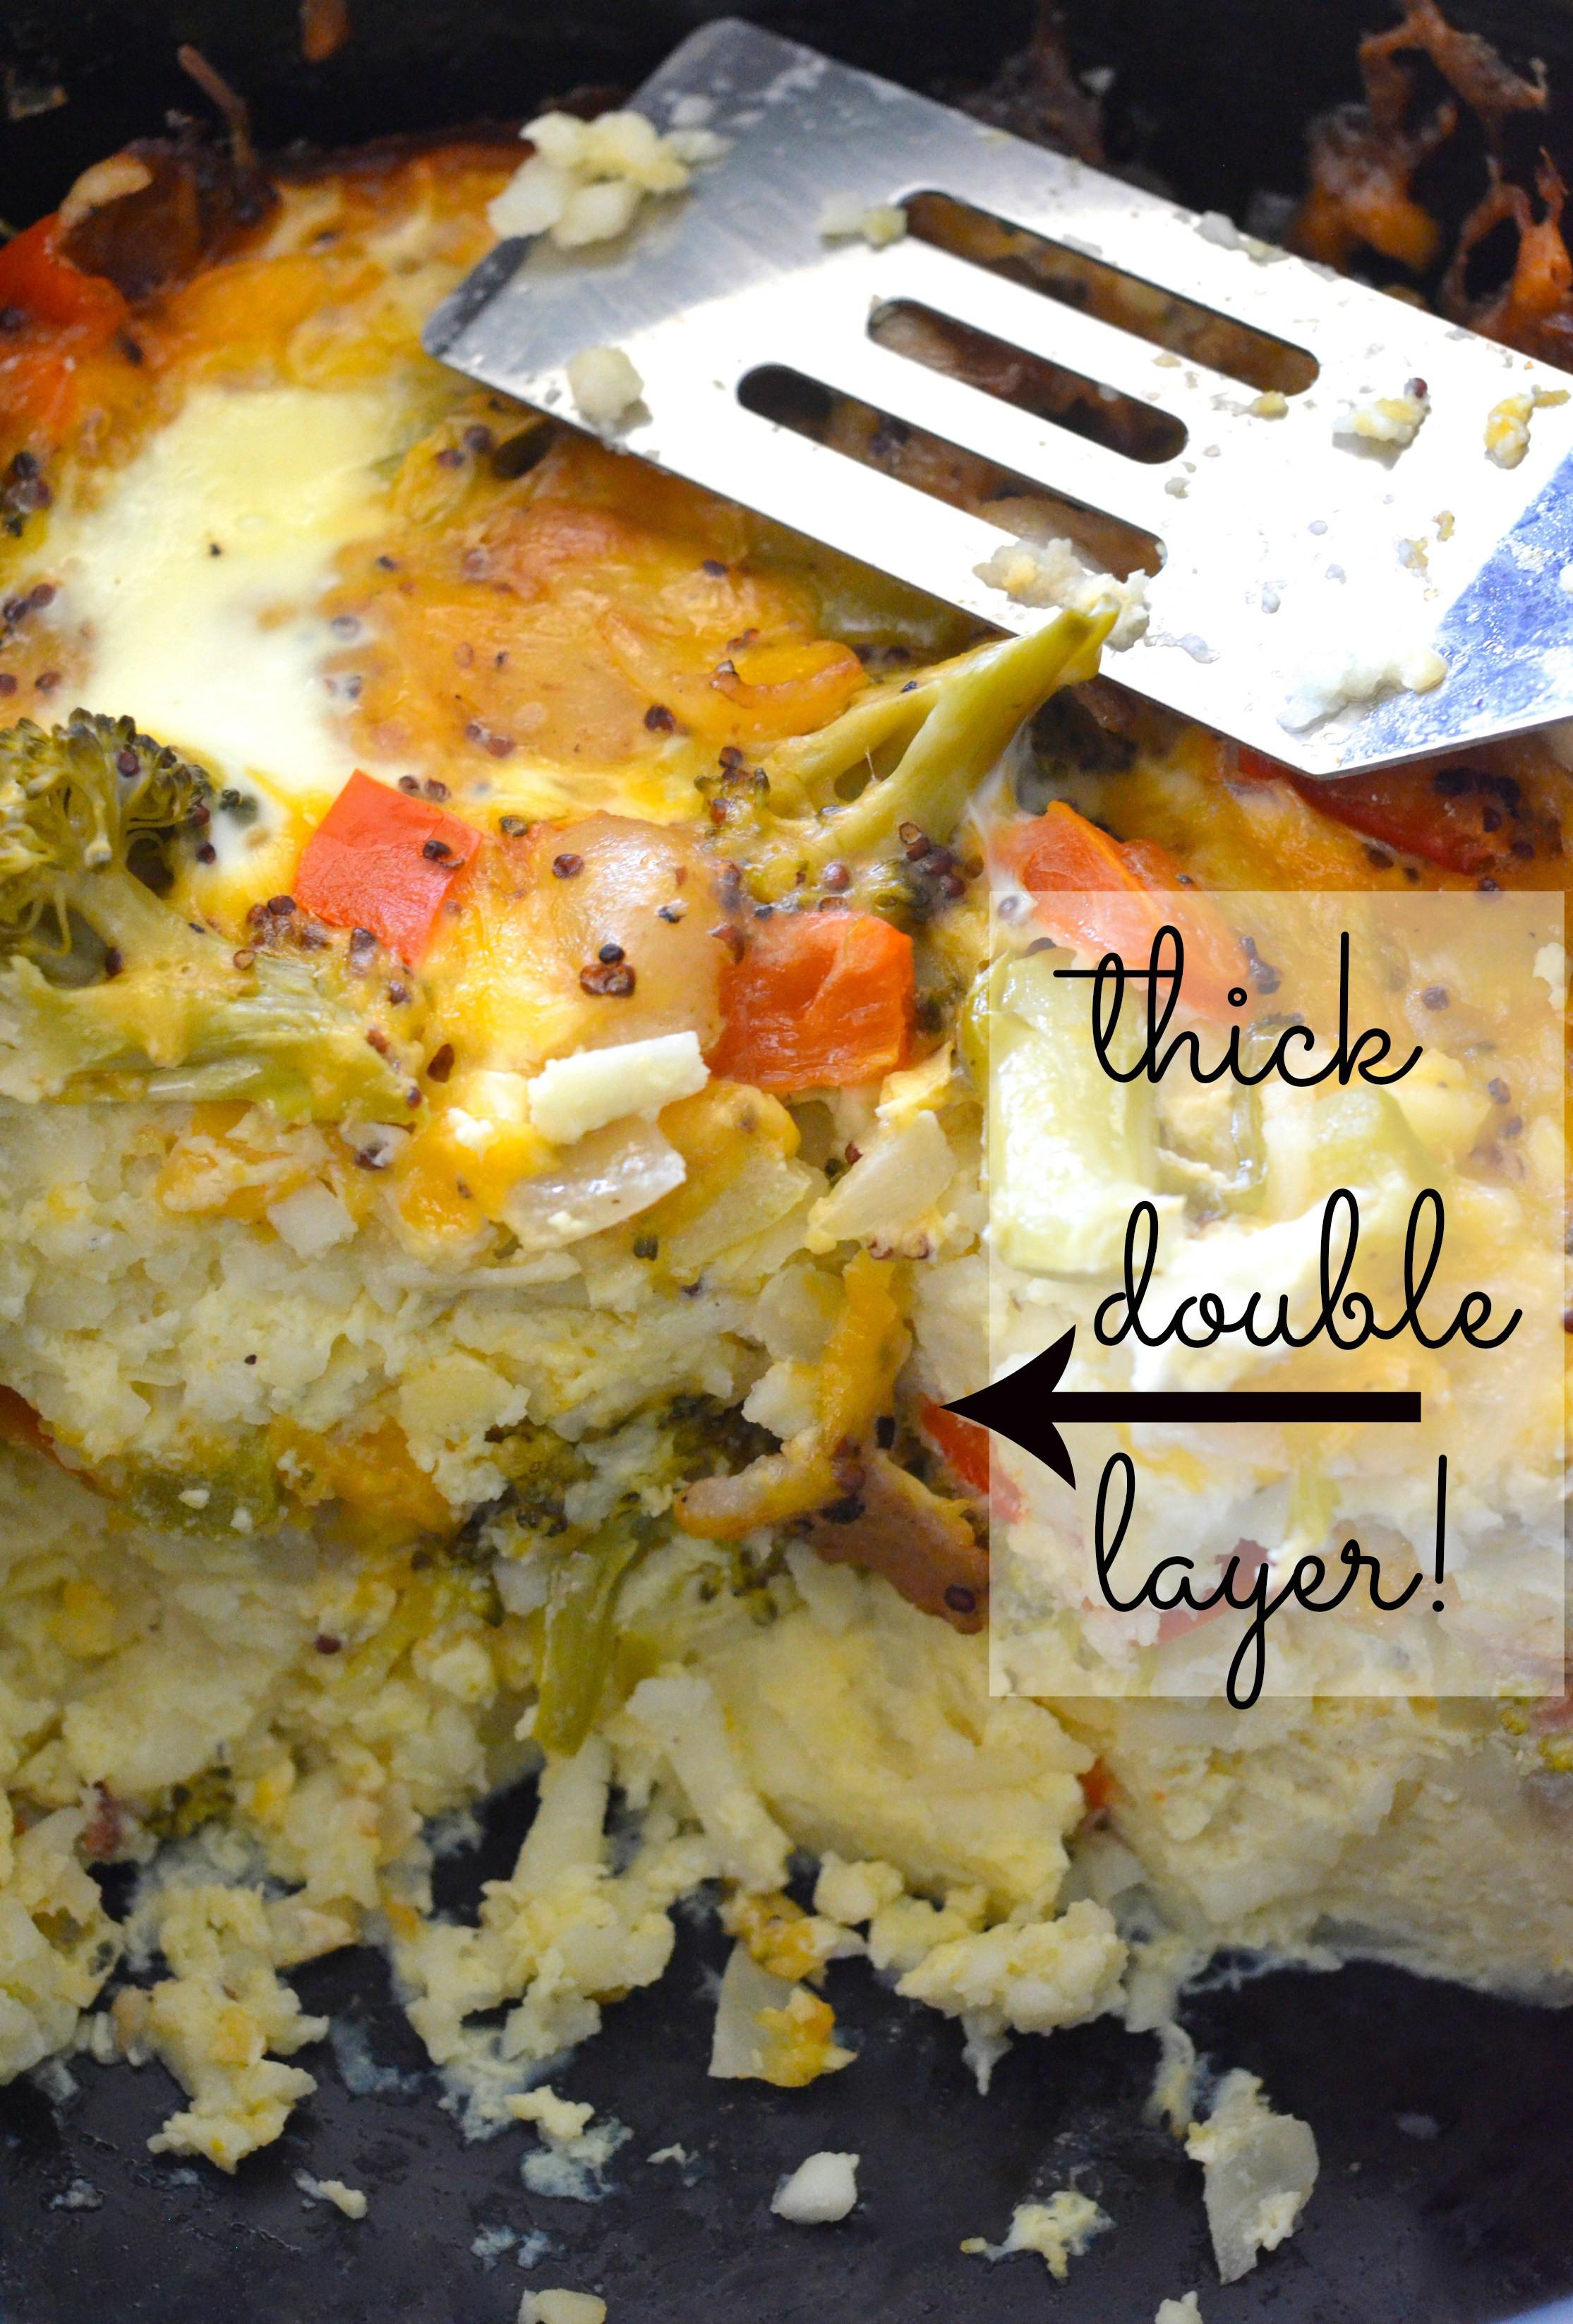 Healthy Breakfast Casserole Crockpot  Healthy Crockpot Breakfast Casserole Apple of My Eye